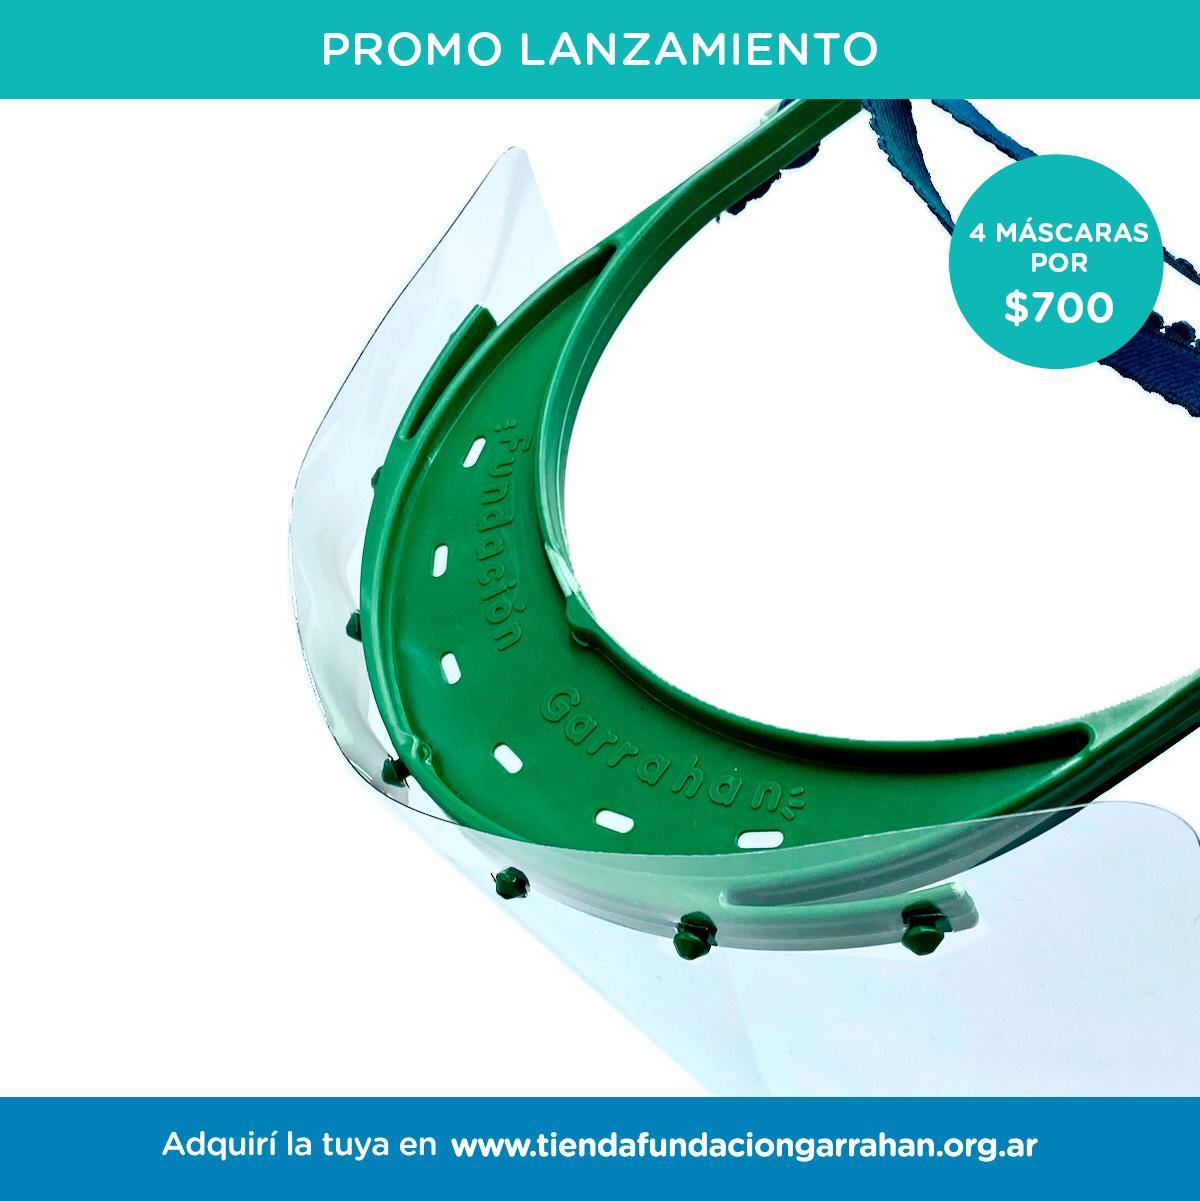 Nuevo Producto Solidario de Fundación Garrahan: Máscaras de protección producidas con materiales 100% reciclados y sustentables